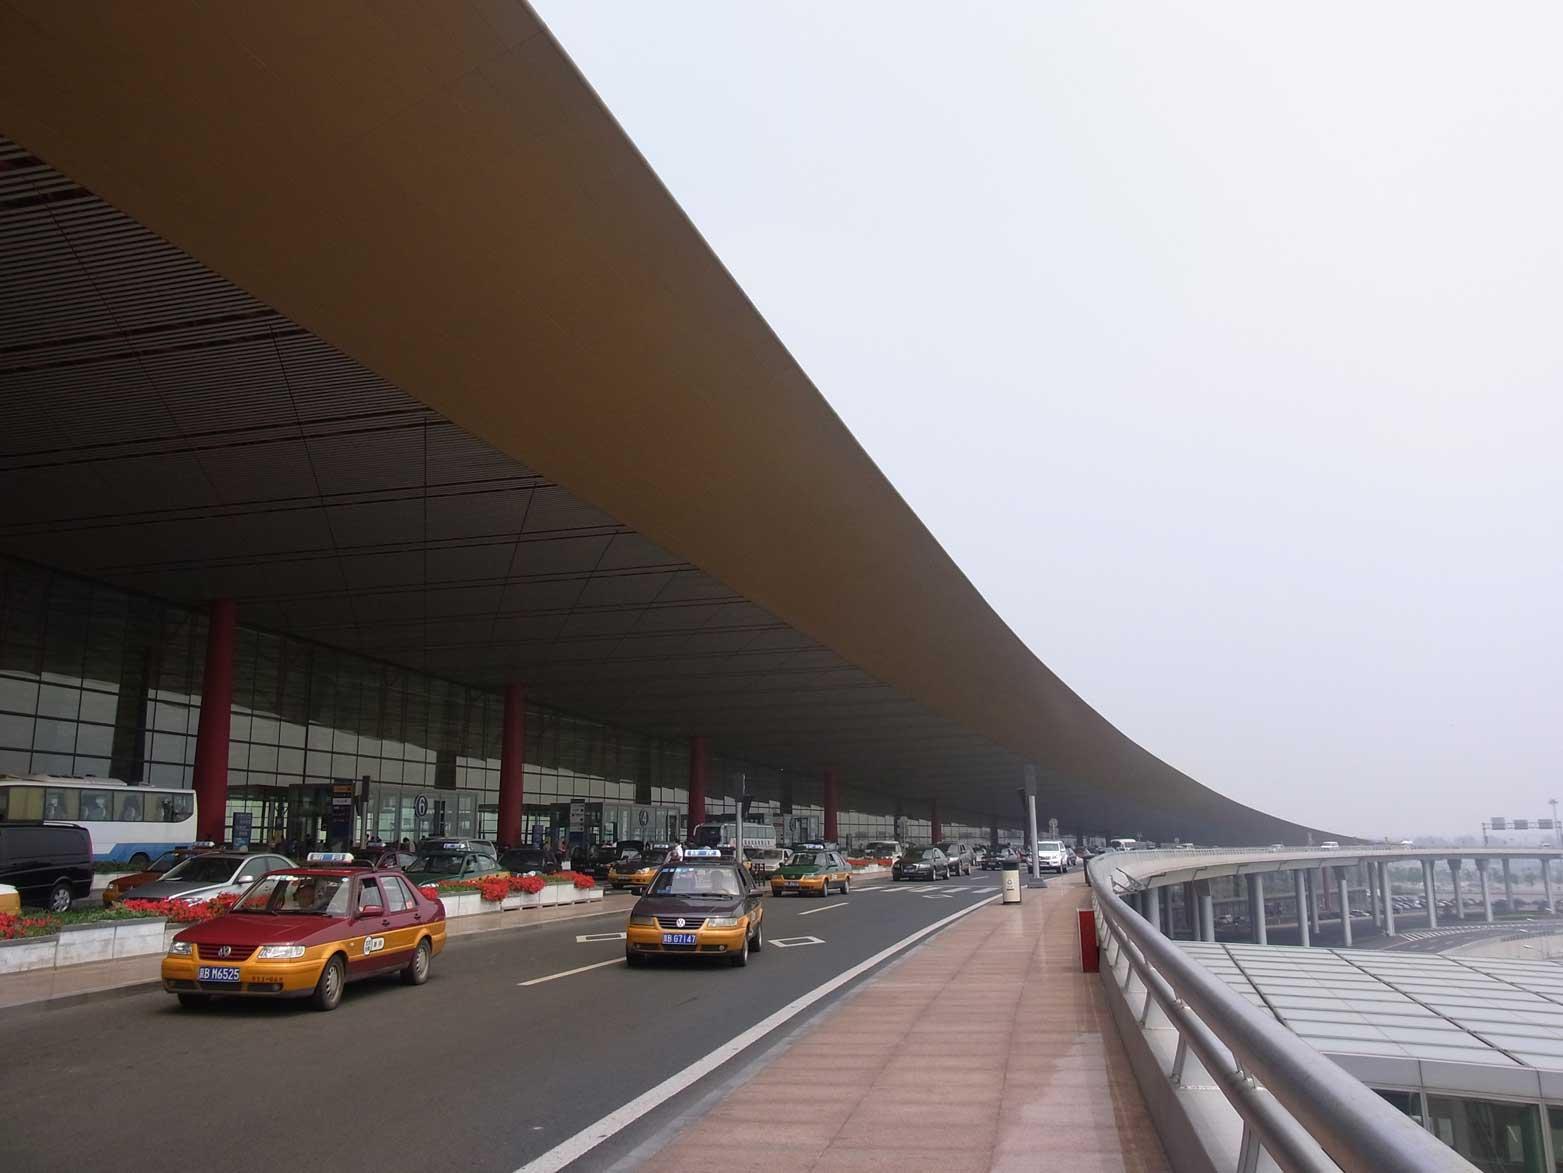 北京にはもうスペクタクルな建築はいらない!?_b0235153_1411560.jpg